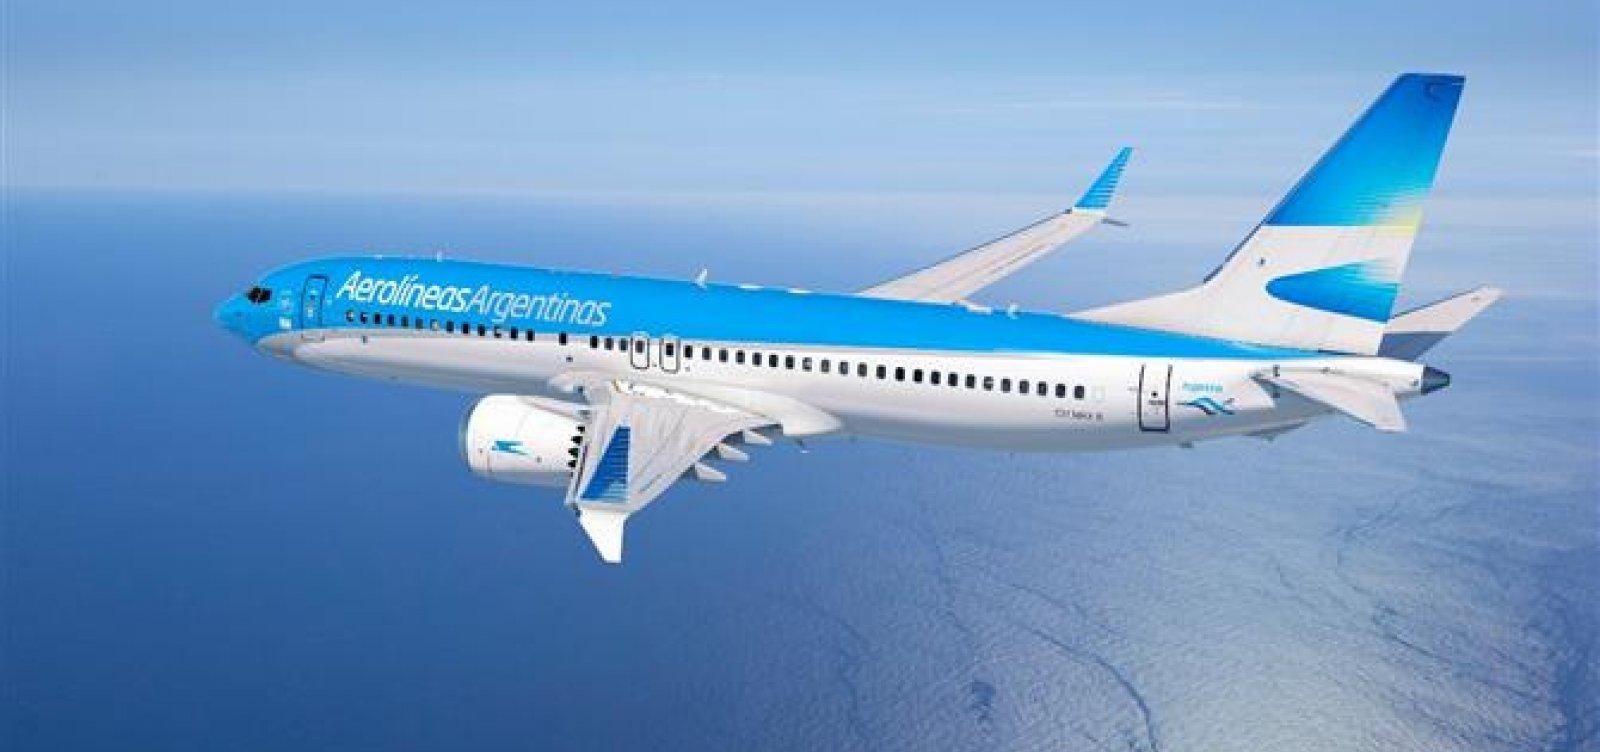 Decreto das armas pode levar companhias estrangeiras a cancelar voos para o Brasil